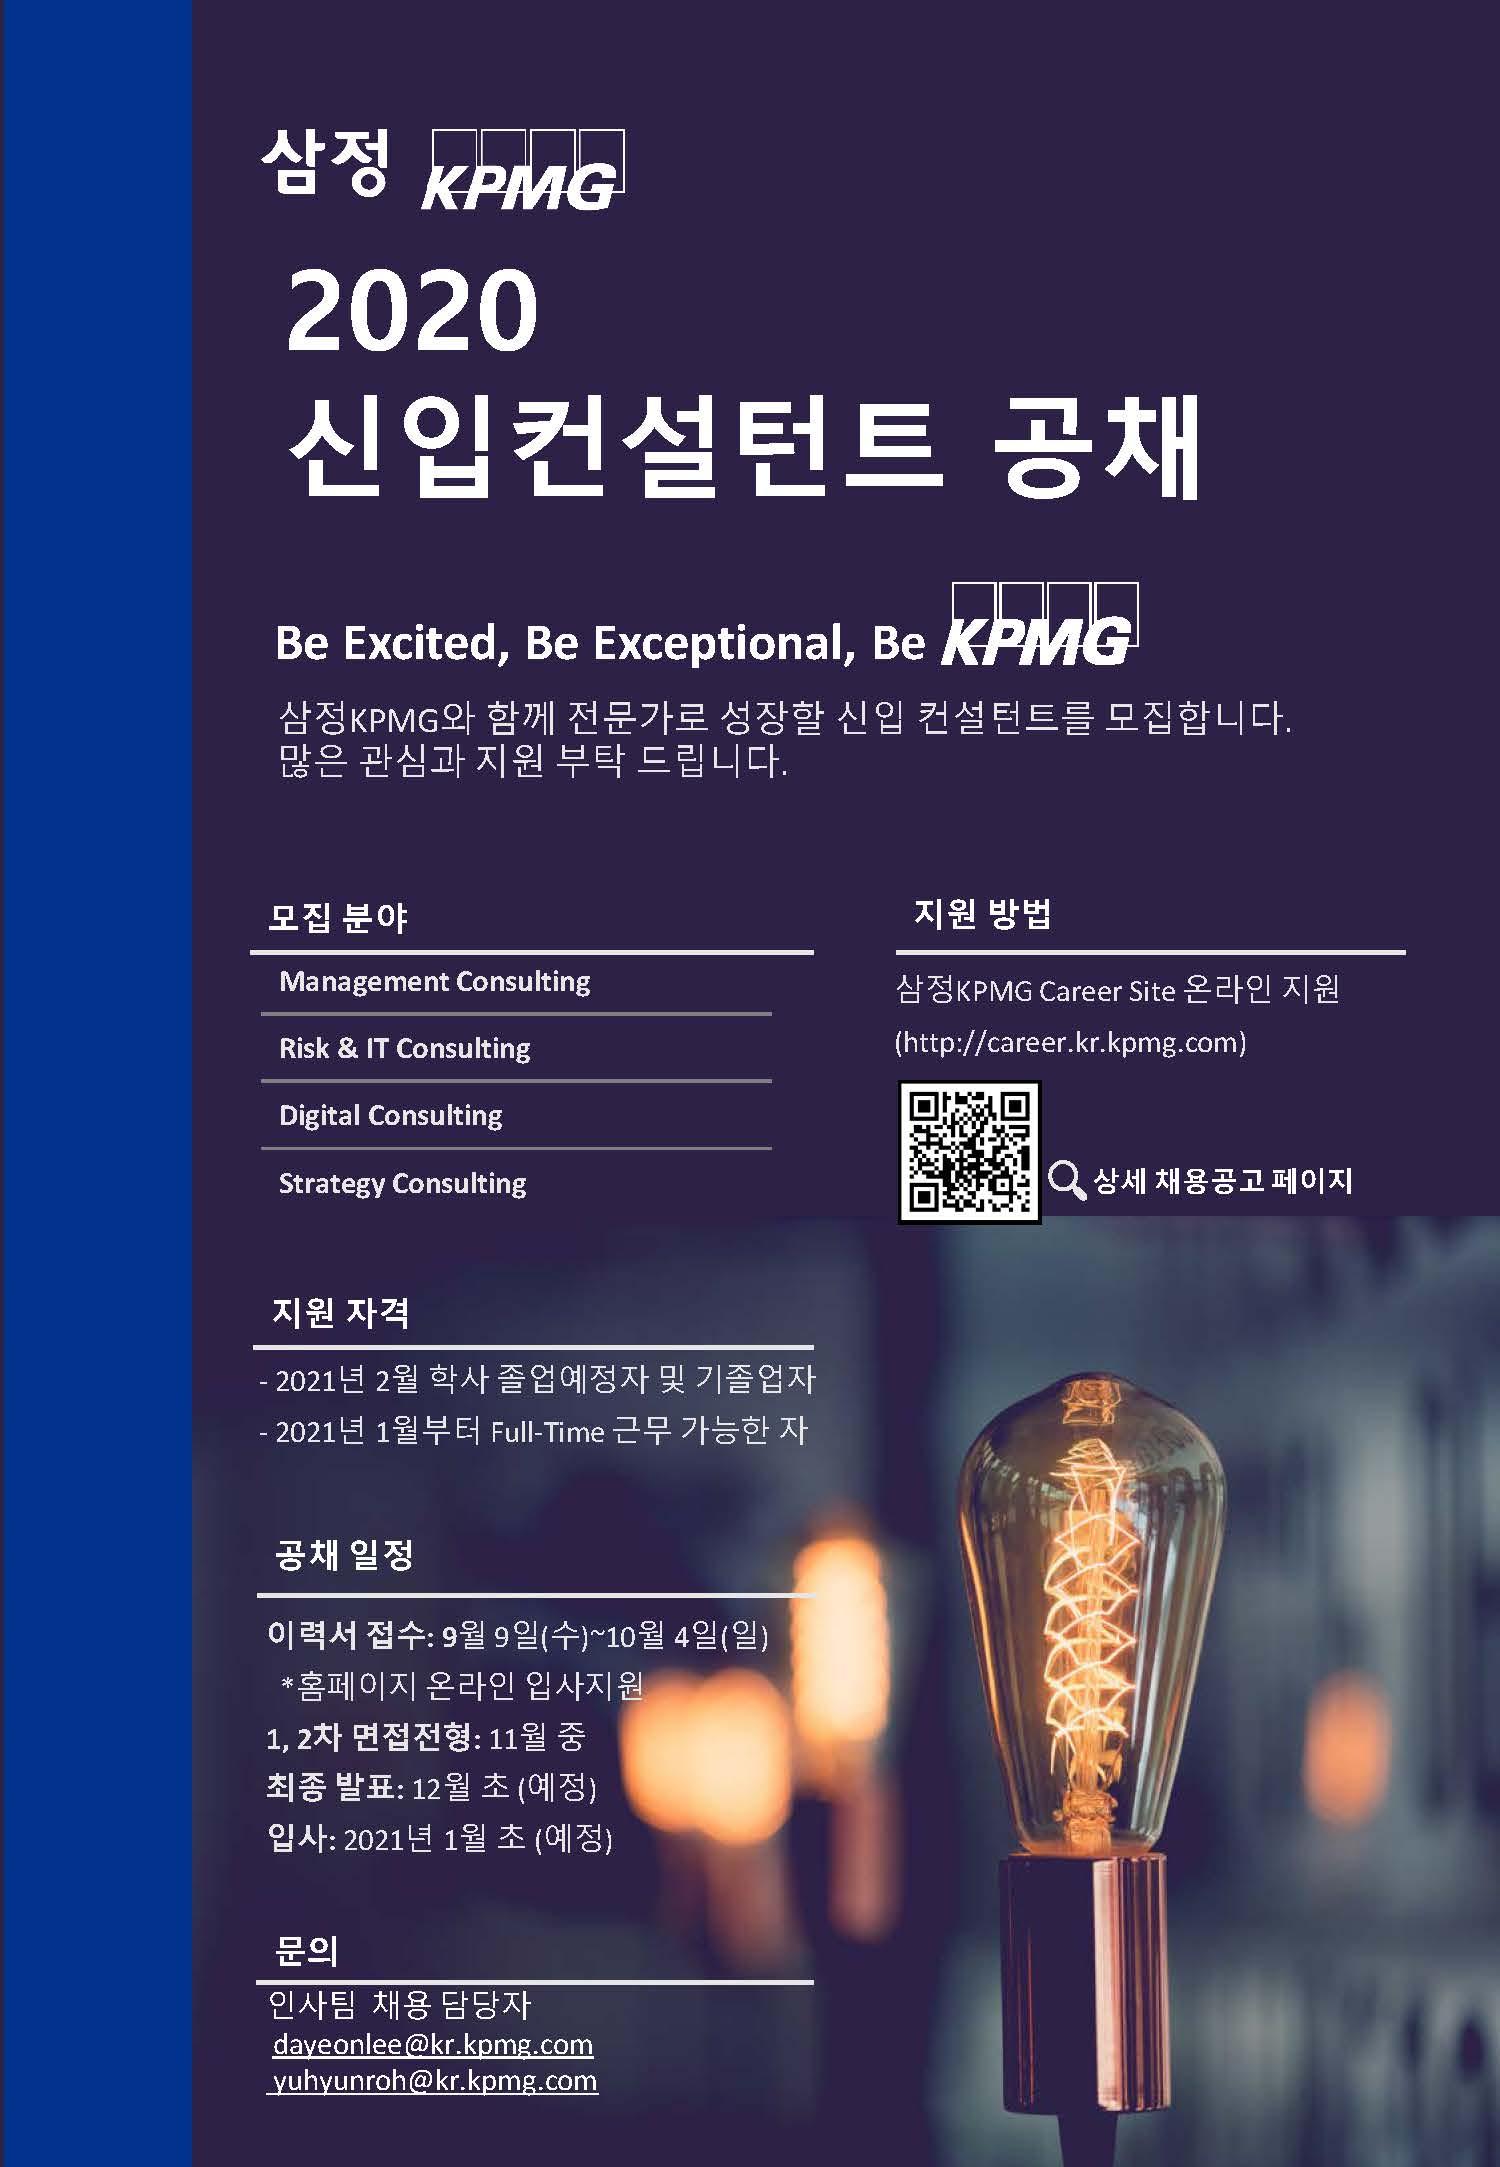 삼정 KPMG 2020 컨설턴트 공채 포스터.jpg